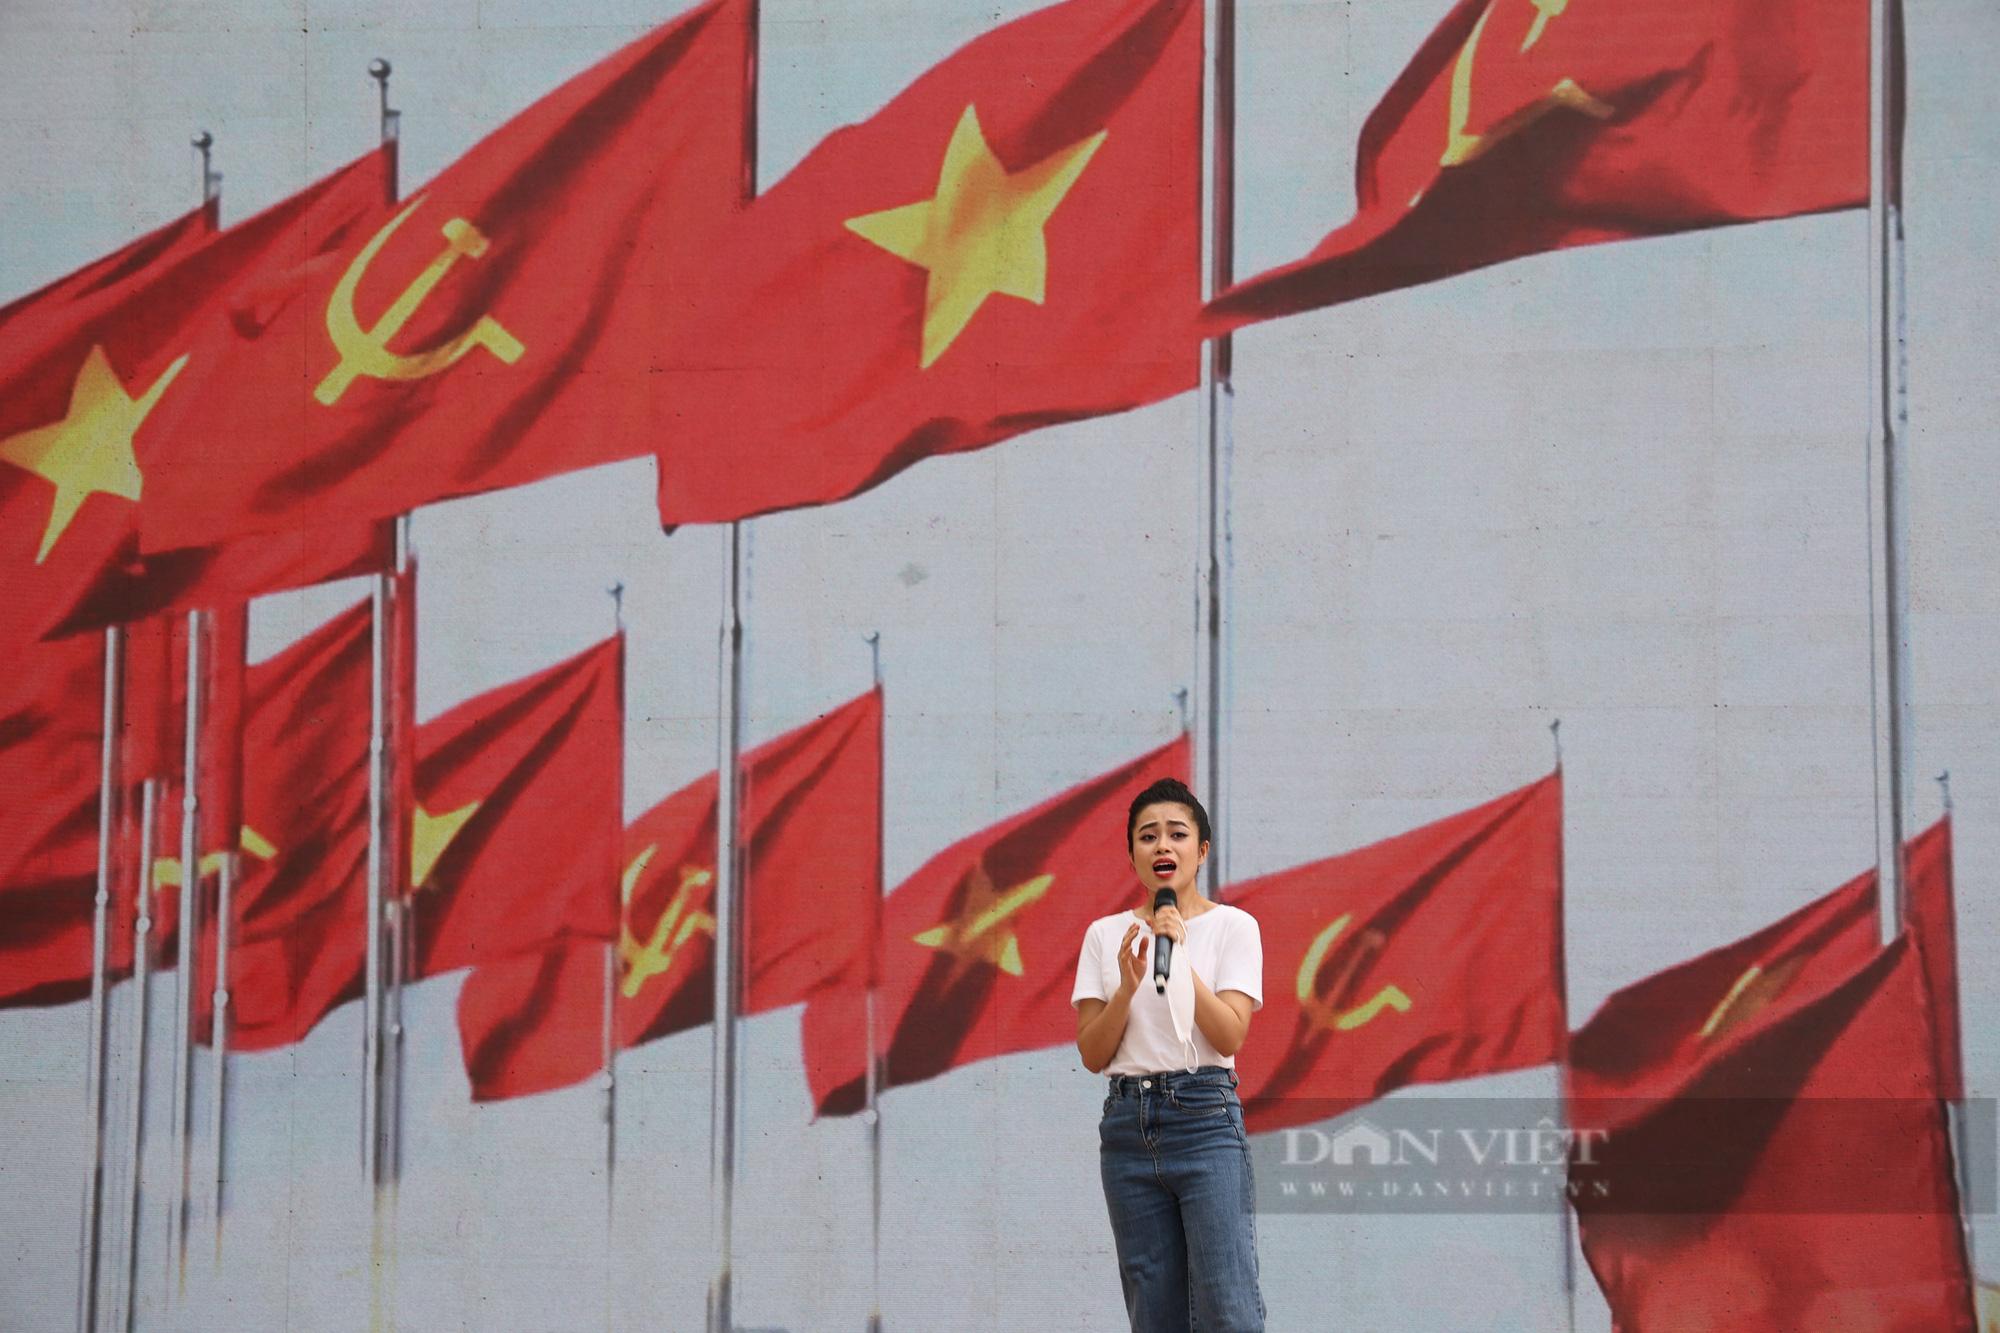 Hà Nội: Gấp rút chuẩn bị cho Lễ khai giảng online đặc biệt của Thủ đô - Ảnh 13.